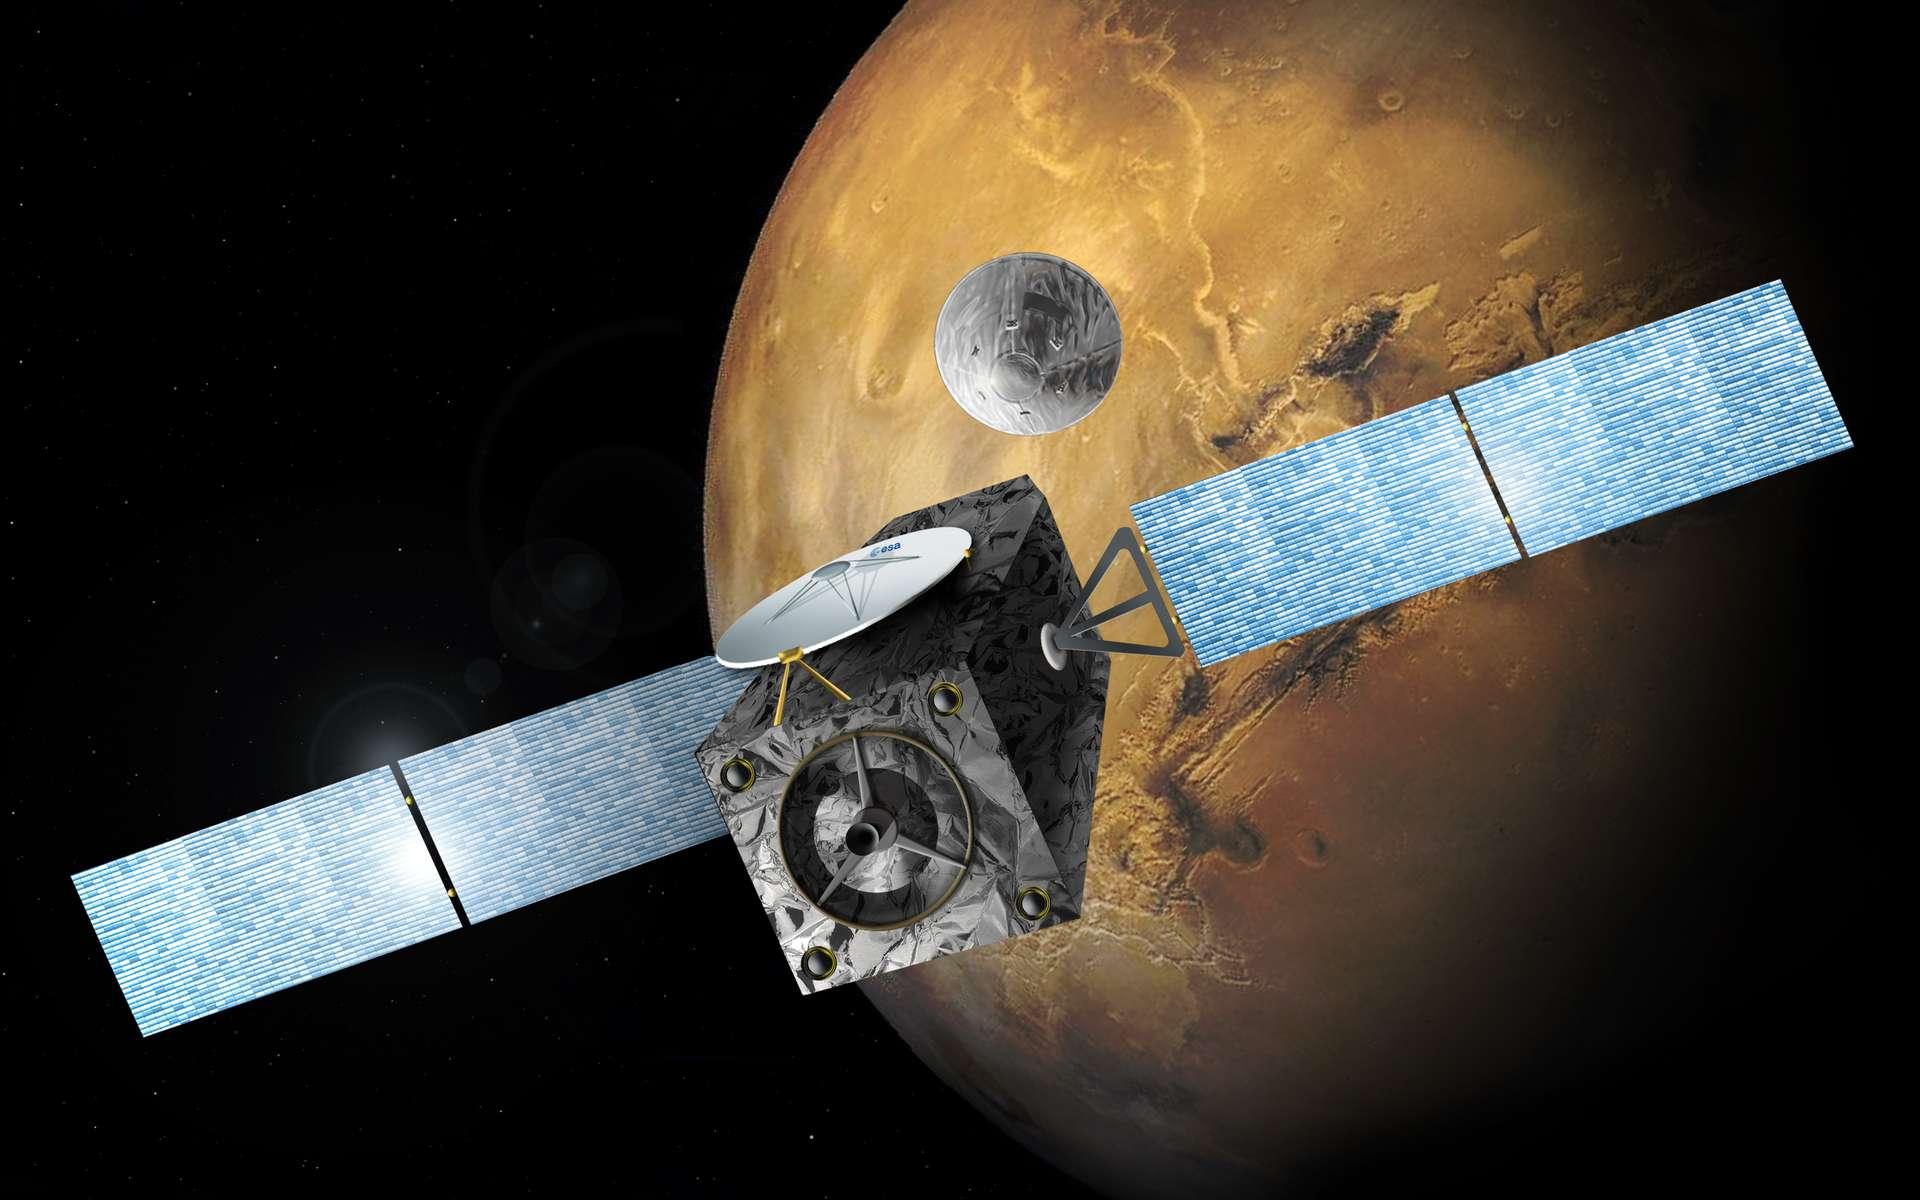 Vue d'artiste de l'orbiteur TGO arrivant près de Mars et libérant le module d'atterrissage Schiaparelli, de la mission ExoMars. © Esa